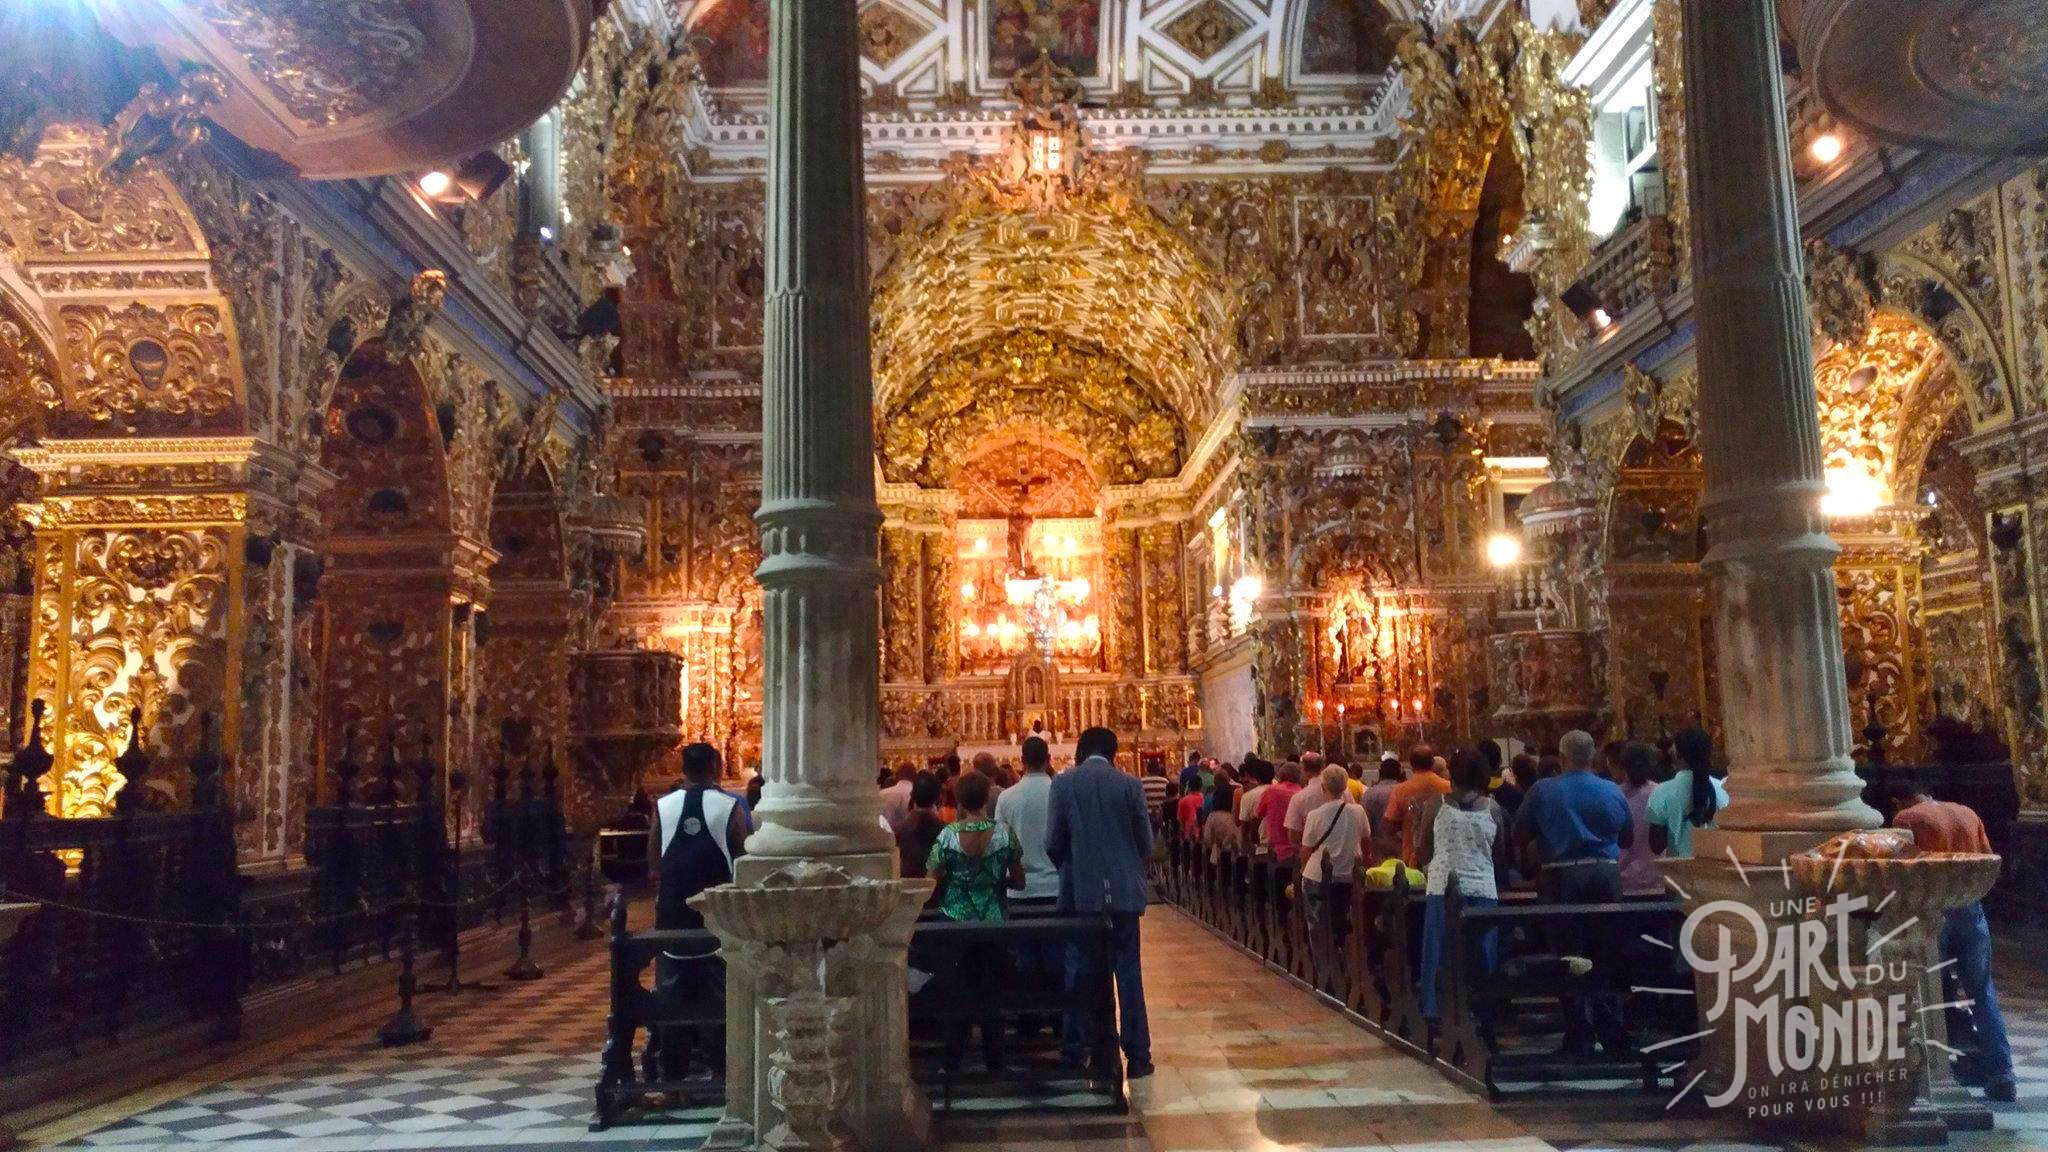 intérieur eglise sao francisco salvador de bahia